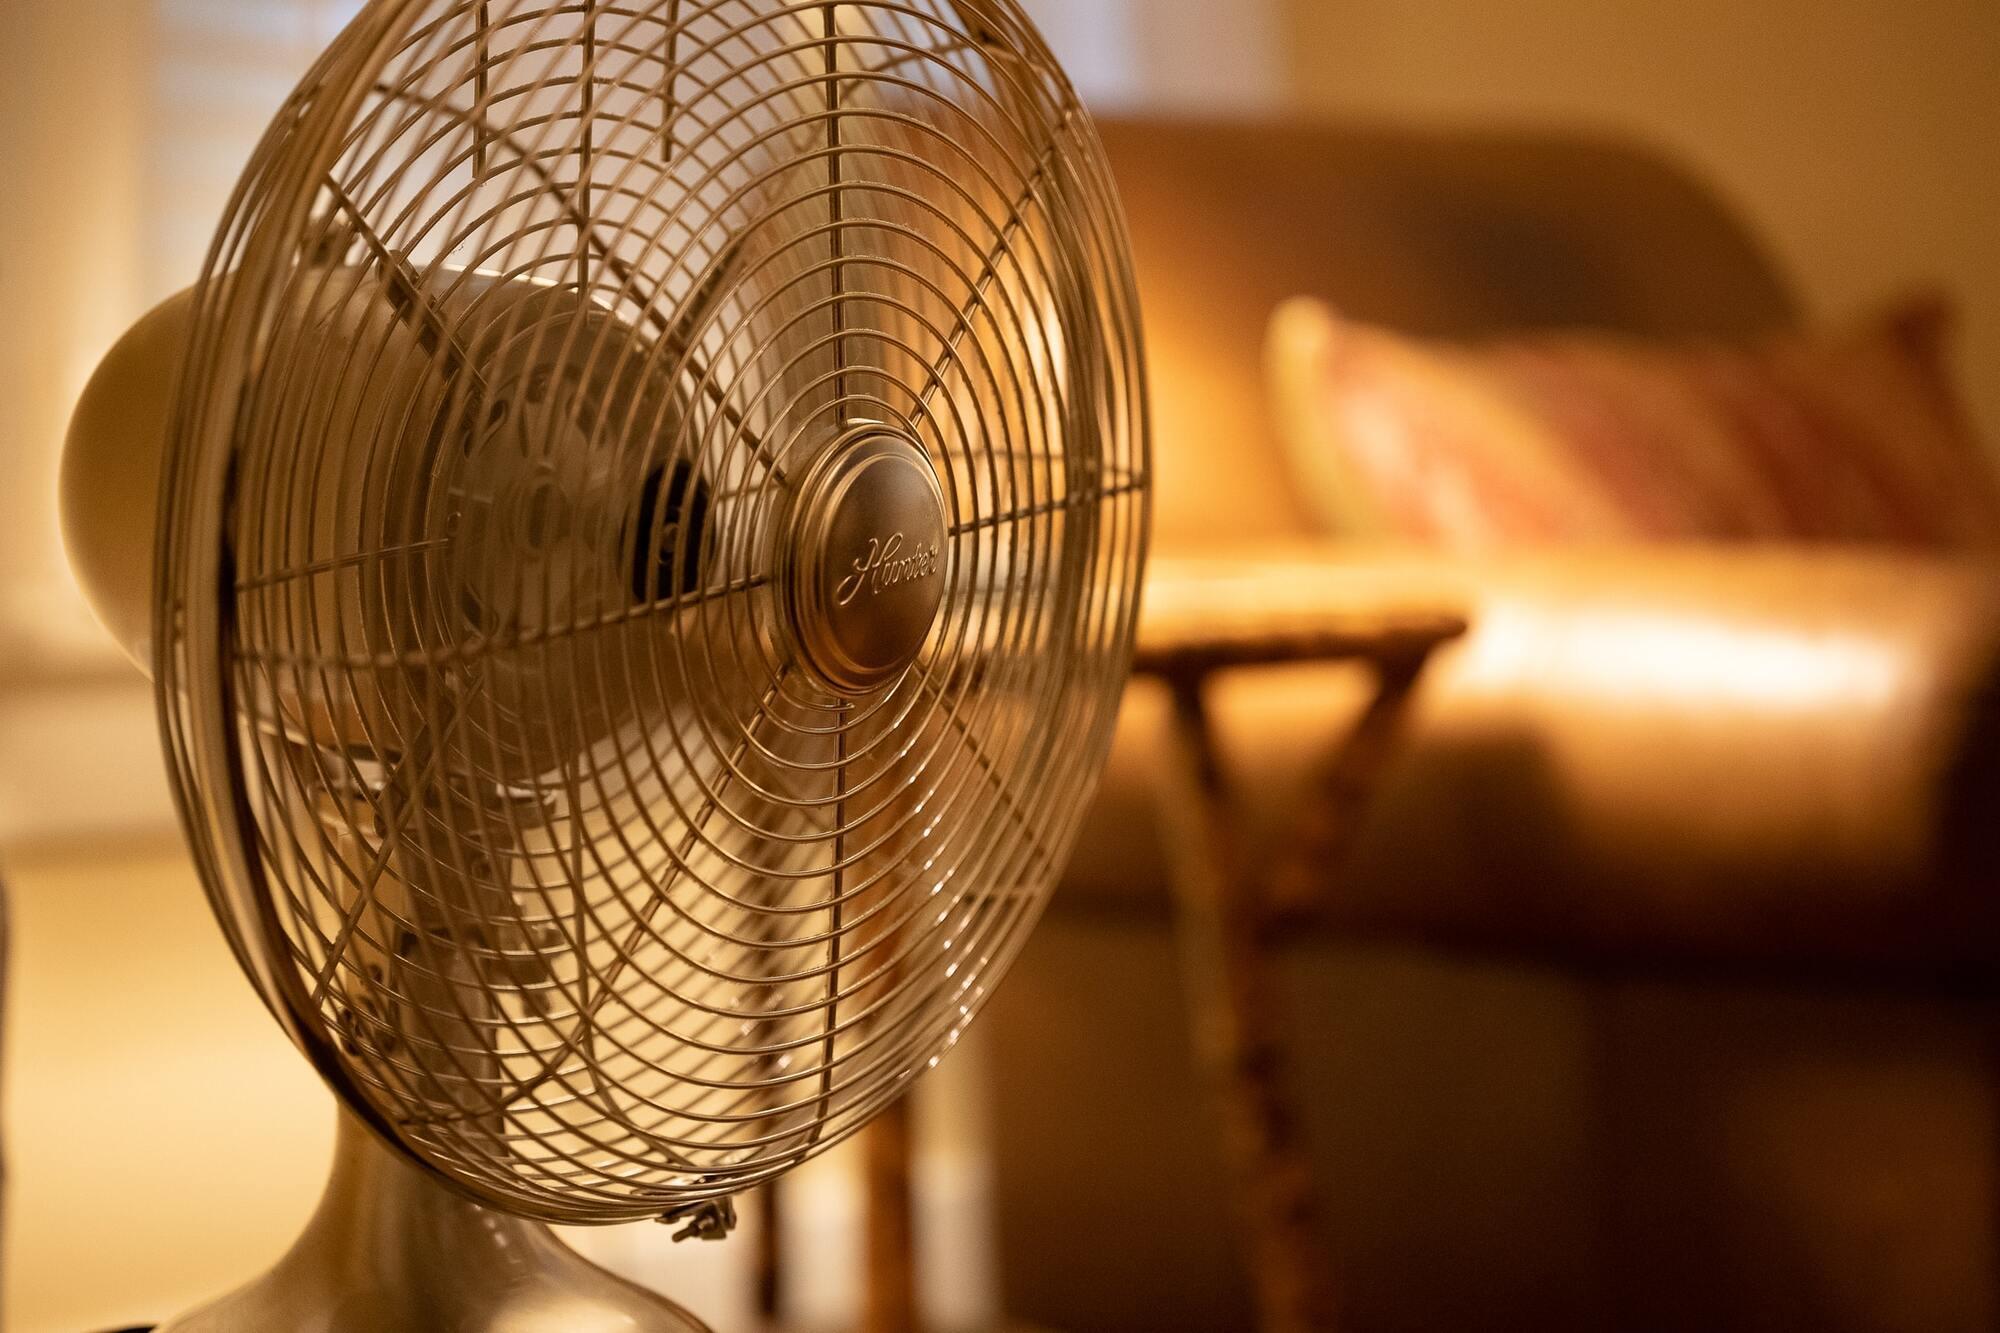 Вентиляторы помогают, если в комнате не жарче + 32 градусов